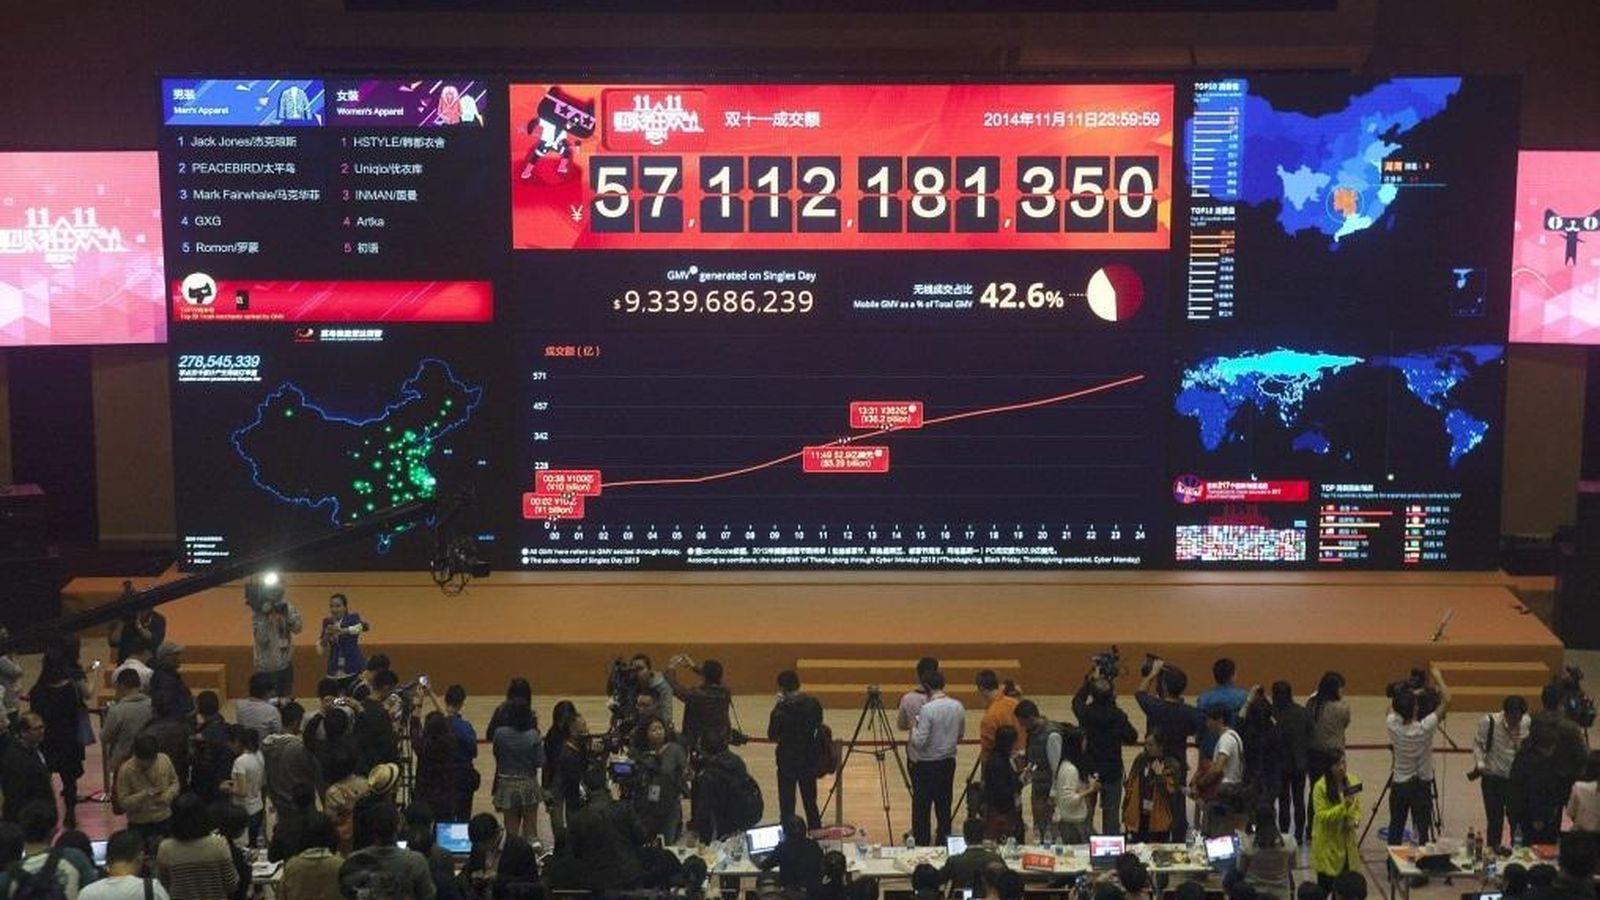 Foto: Vista del tablero electrónico que marca las ventas del portal Alibaba durante el 'Día del Soltero' en la sede de la compañía en Hangzhou en China el año pasado. (EFE)